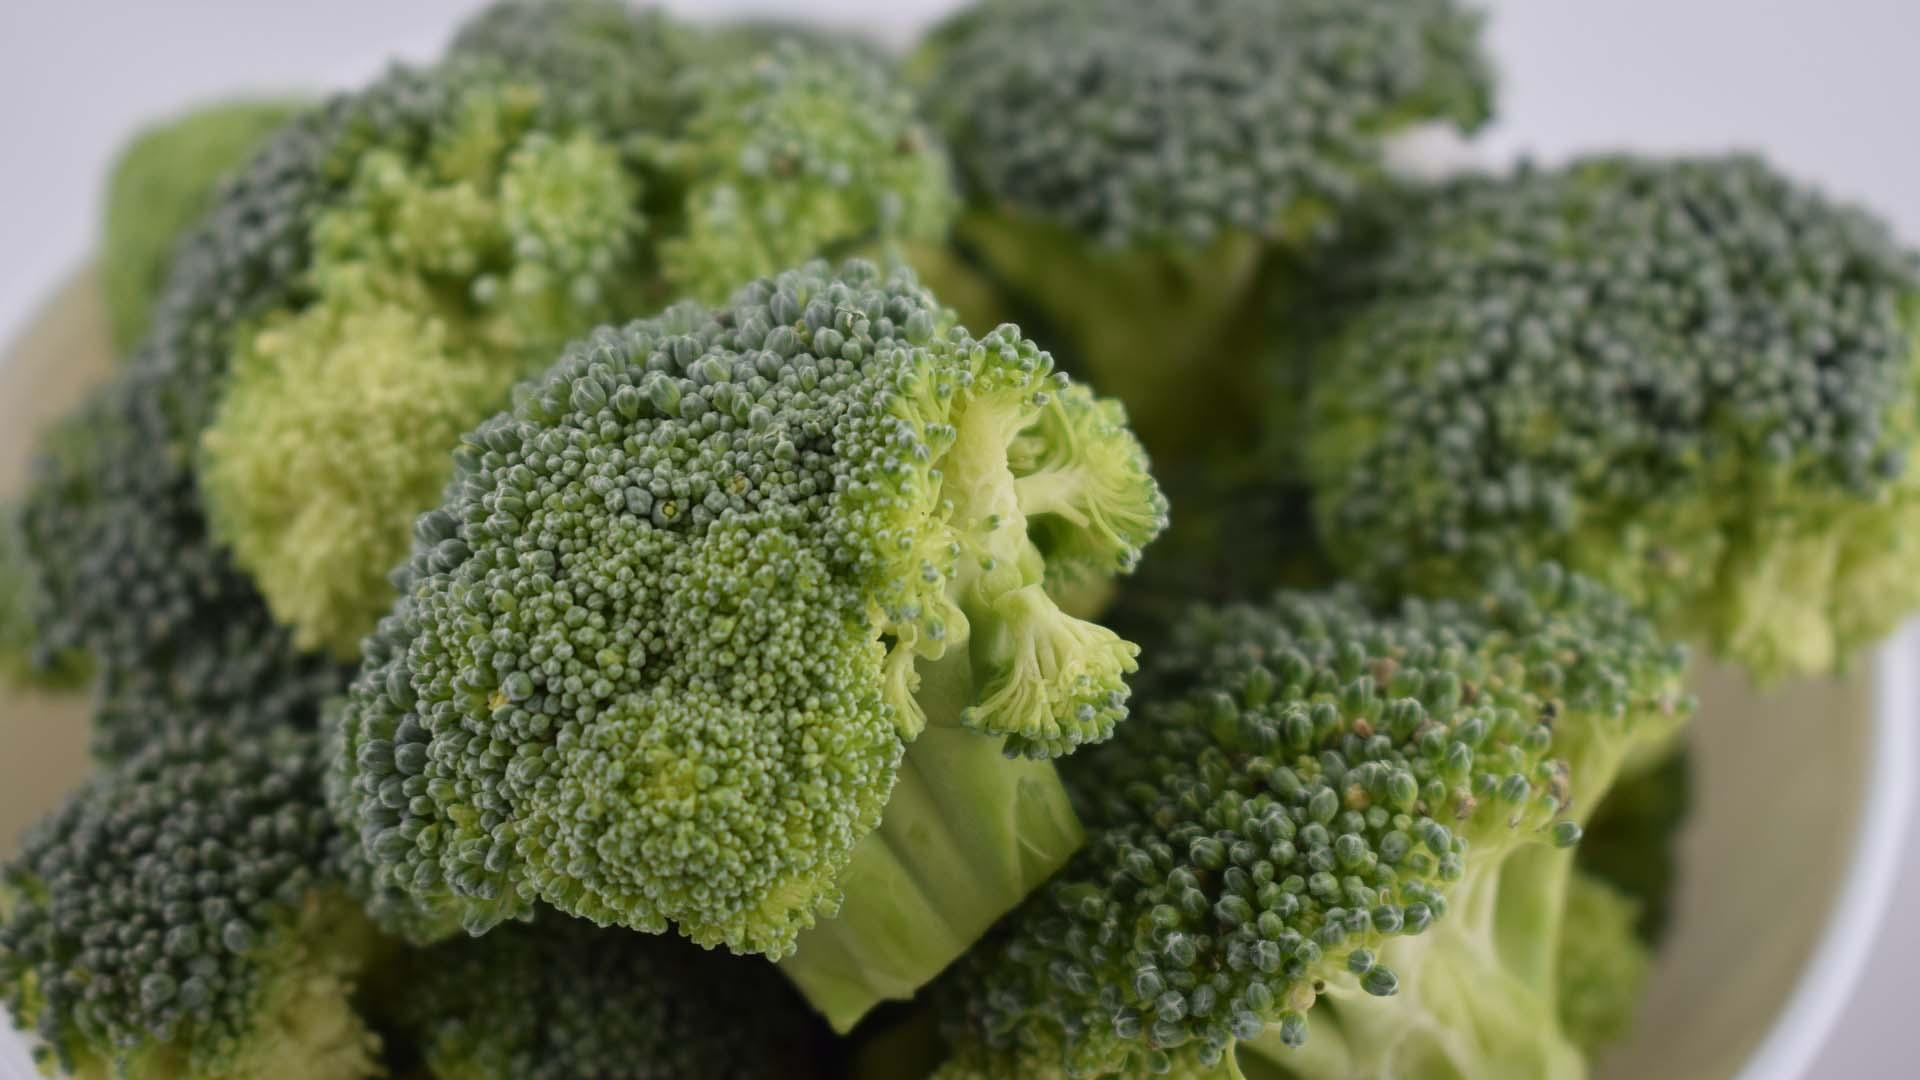 Brokkoli haltbar machen: Die besten Tipps und Tricks